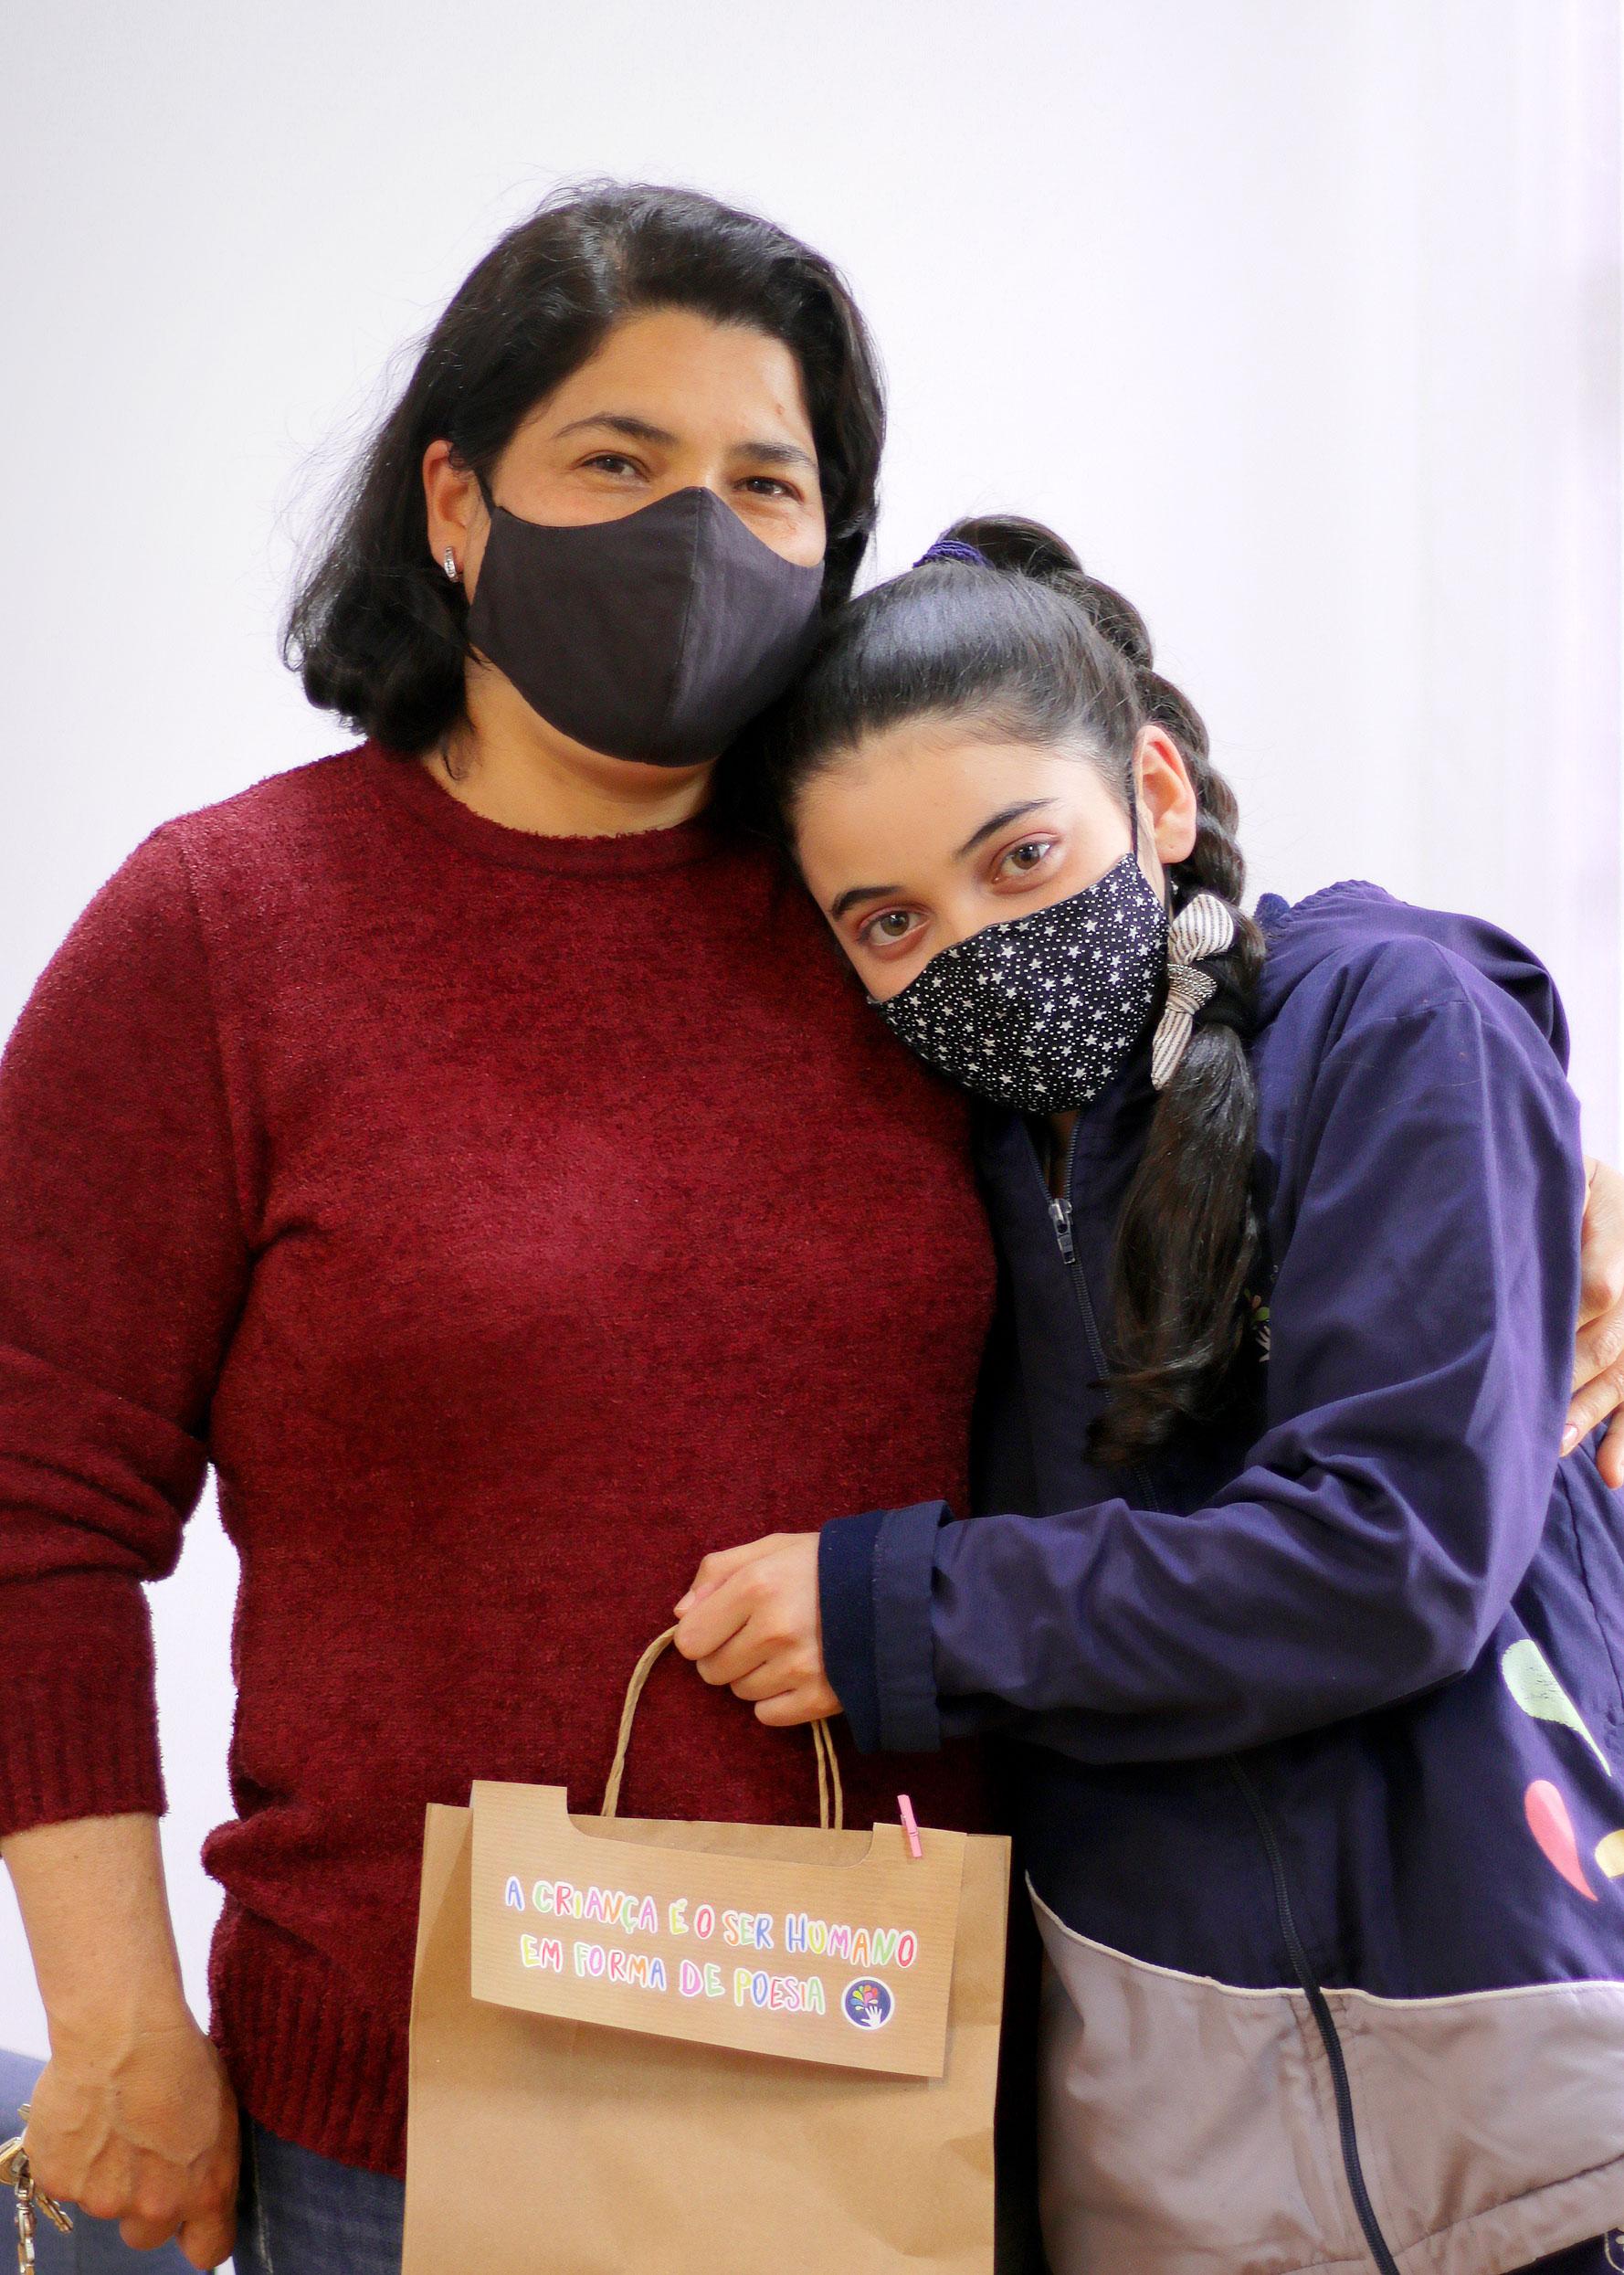 Uma menina com a cabeça apoiada lateralmente no peito de sua mãe. Ela abraça a filha com um braço. A menina segura uma sacola e ambas usam máscara.